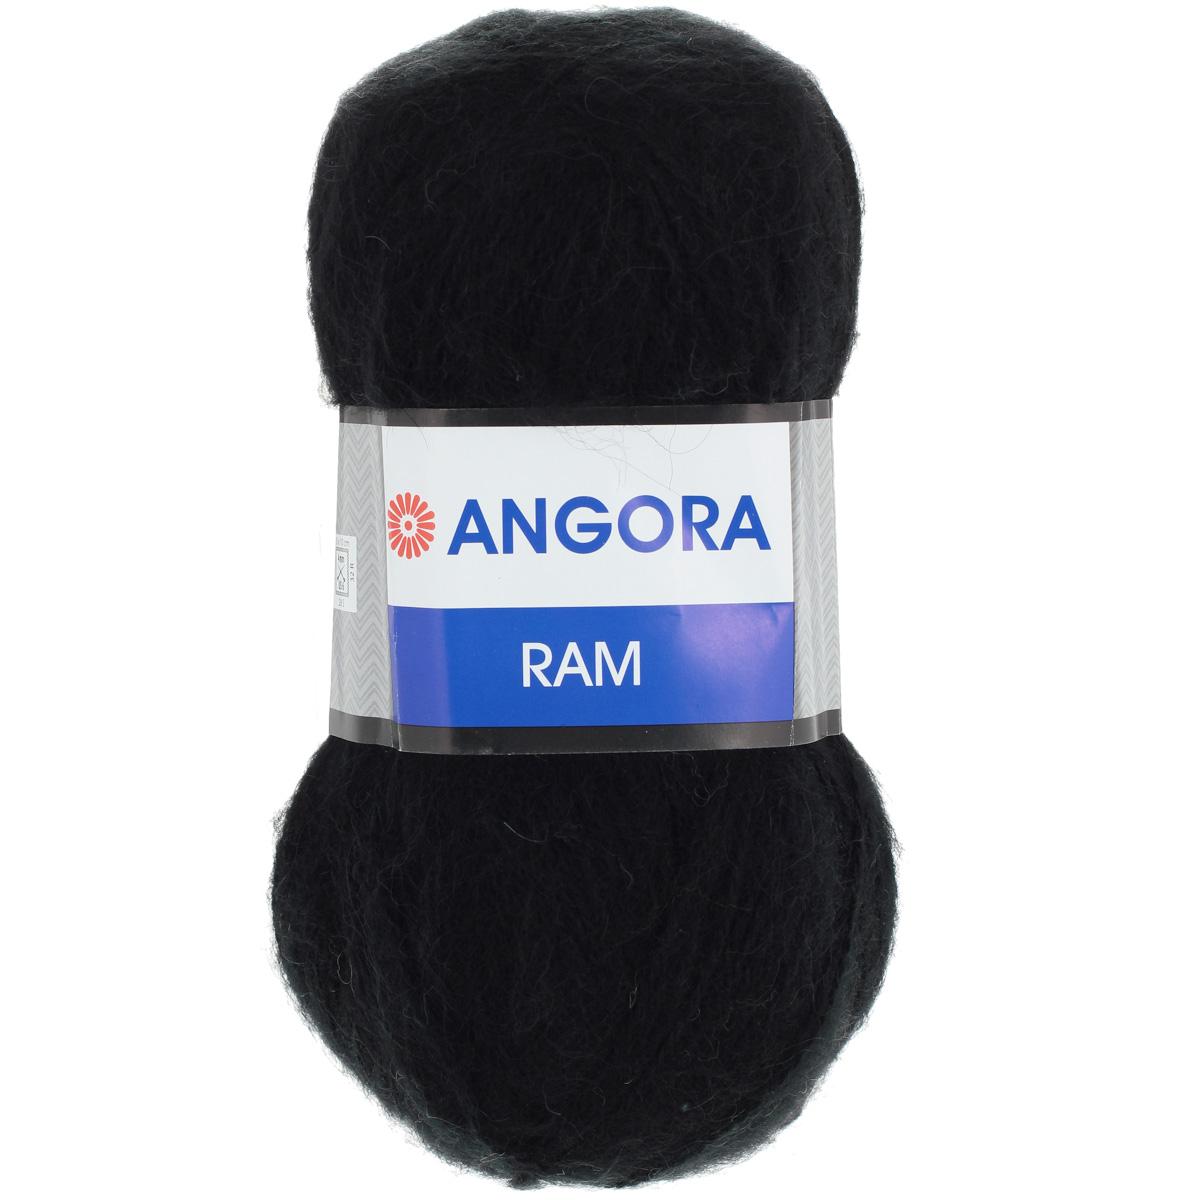 Пряжа для вязания YarnArt Angora Ram, цвет: черный (585), 500 м, 100 г, 5 шт372037_585Пряжа для вязания YarnArt Angora Ram изготовлена из натурального мохера с добавлением акрила. Пряжа из такого материала обладает повышенной прочностью и эластичностью, а изделия получаются теплые и уютные. Скрутка нити плотная, равномерная, не расслаивается, не путается, хорошо скользит по спицам, вяжется очень легко. Петли выглядят аккуратно, а натуральный мохер обеспечивает теплоту, легкость и превосходный внешний вид. Нить можно комбинировать с полушерстяными пряжами для смягчения рисунка, придания благородной пушистости фактуре нити, а также для улучшения тепловых характеристик. Благодаря содержанию синтетических волокон, изделия из YarnArt Angora Ram устойчивы к скатыванию, а благодаря своей мягкости такая пряжа подходит для детских вещей. Ажурные вещи сохраняют тепло не хуже плотного вязания, оставаясь легкими и объемными. Рекомендуемый размер спиц: №4. Примерный расход пряжи на джемпер: S - 400 г, M - 500 г, L - 600 г. Состав: 40%...